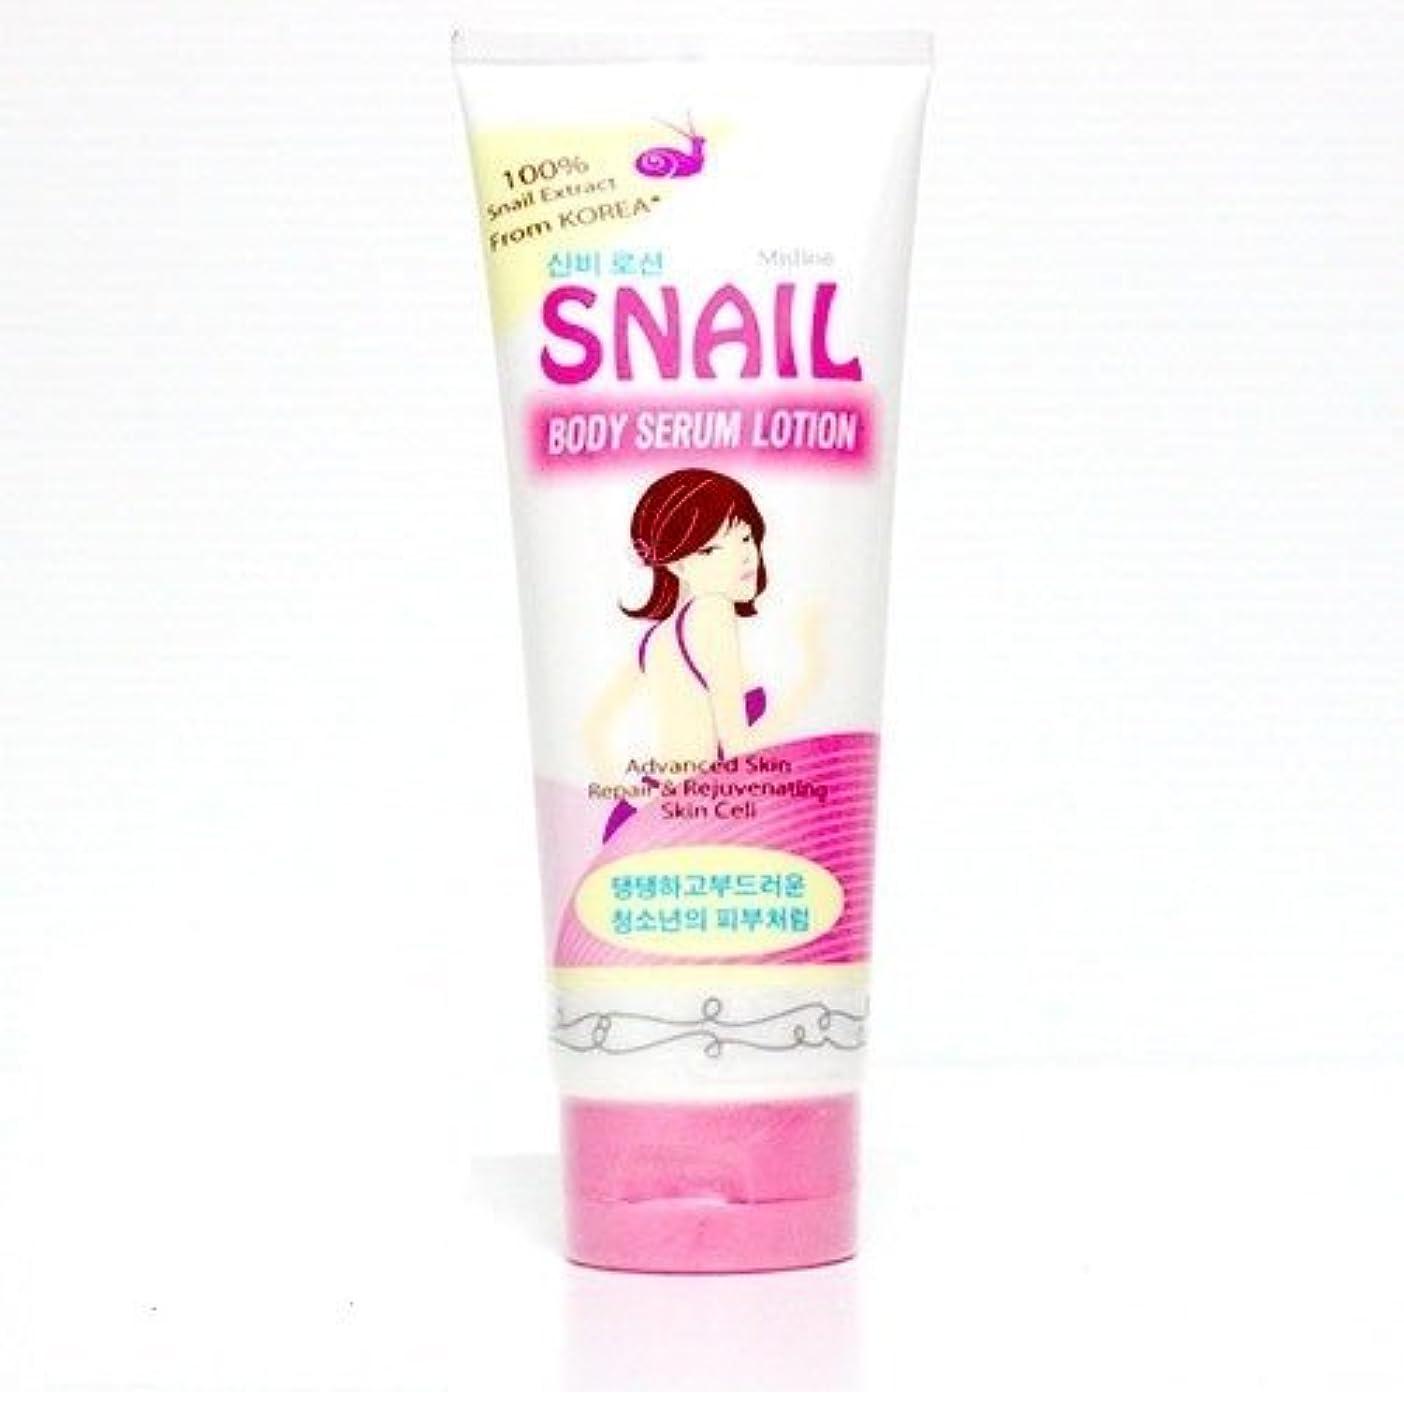 燃料混乱したペレグリネーションMistine Snail Body Serum Lotion 2 packs by Mistine [並行輸入品]